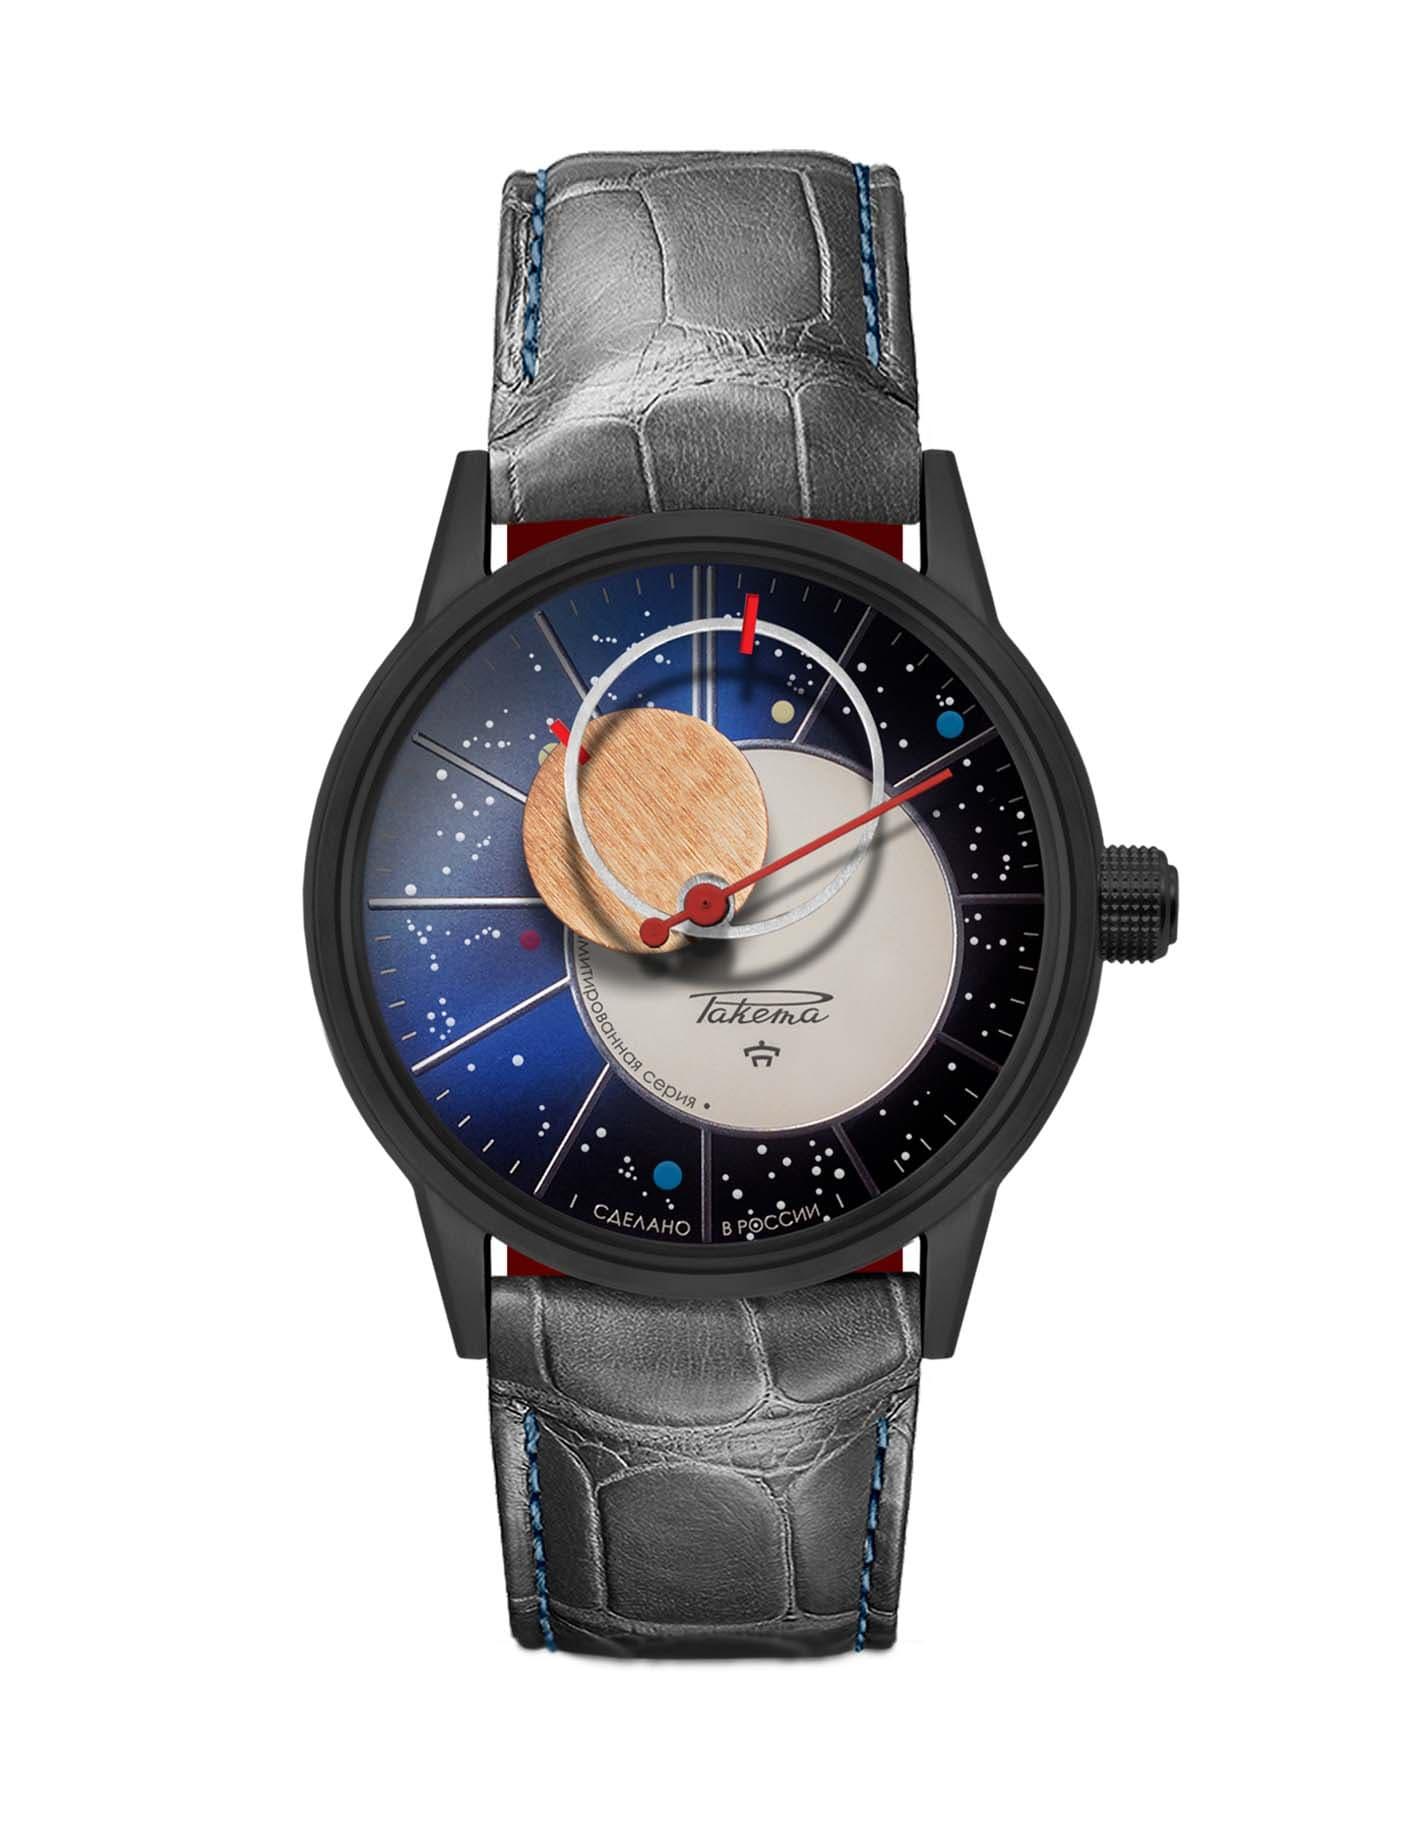 Коперник ракета стоимость часы наручных часов в самаре ломбард